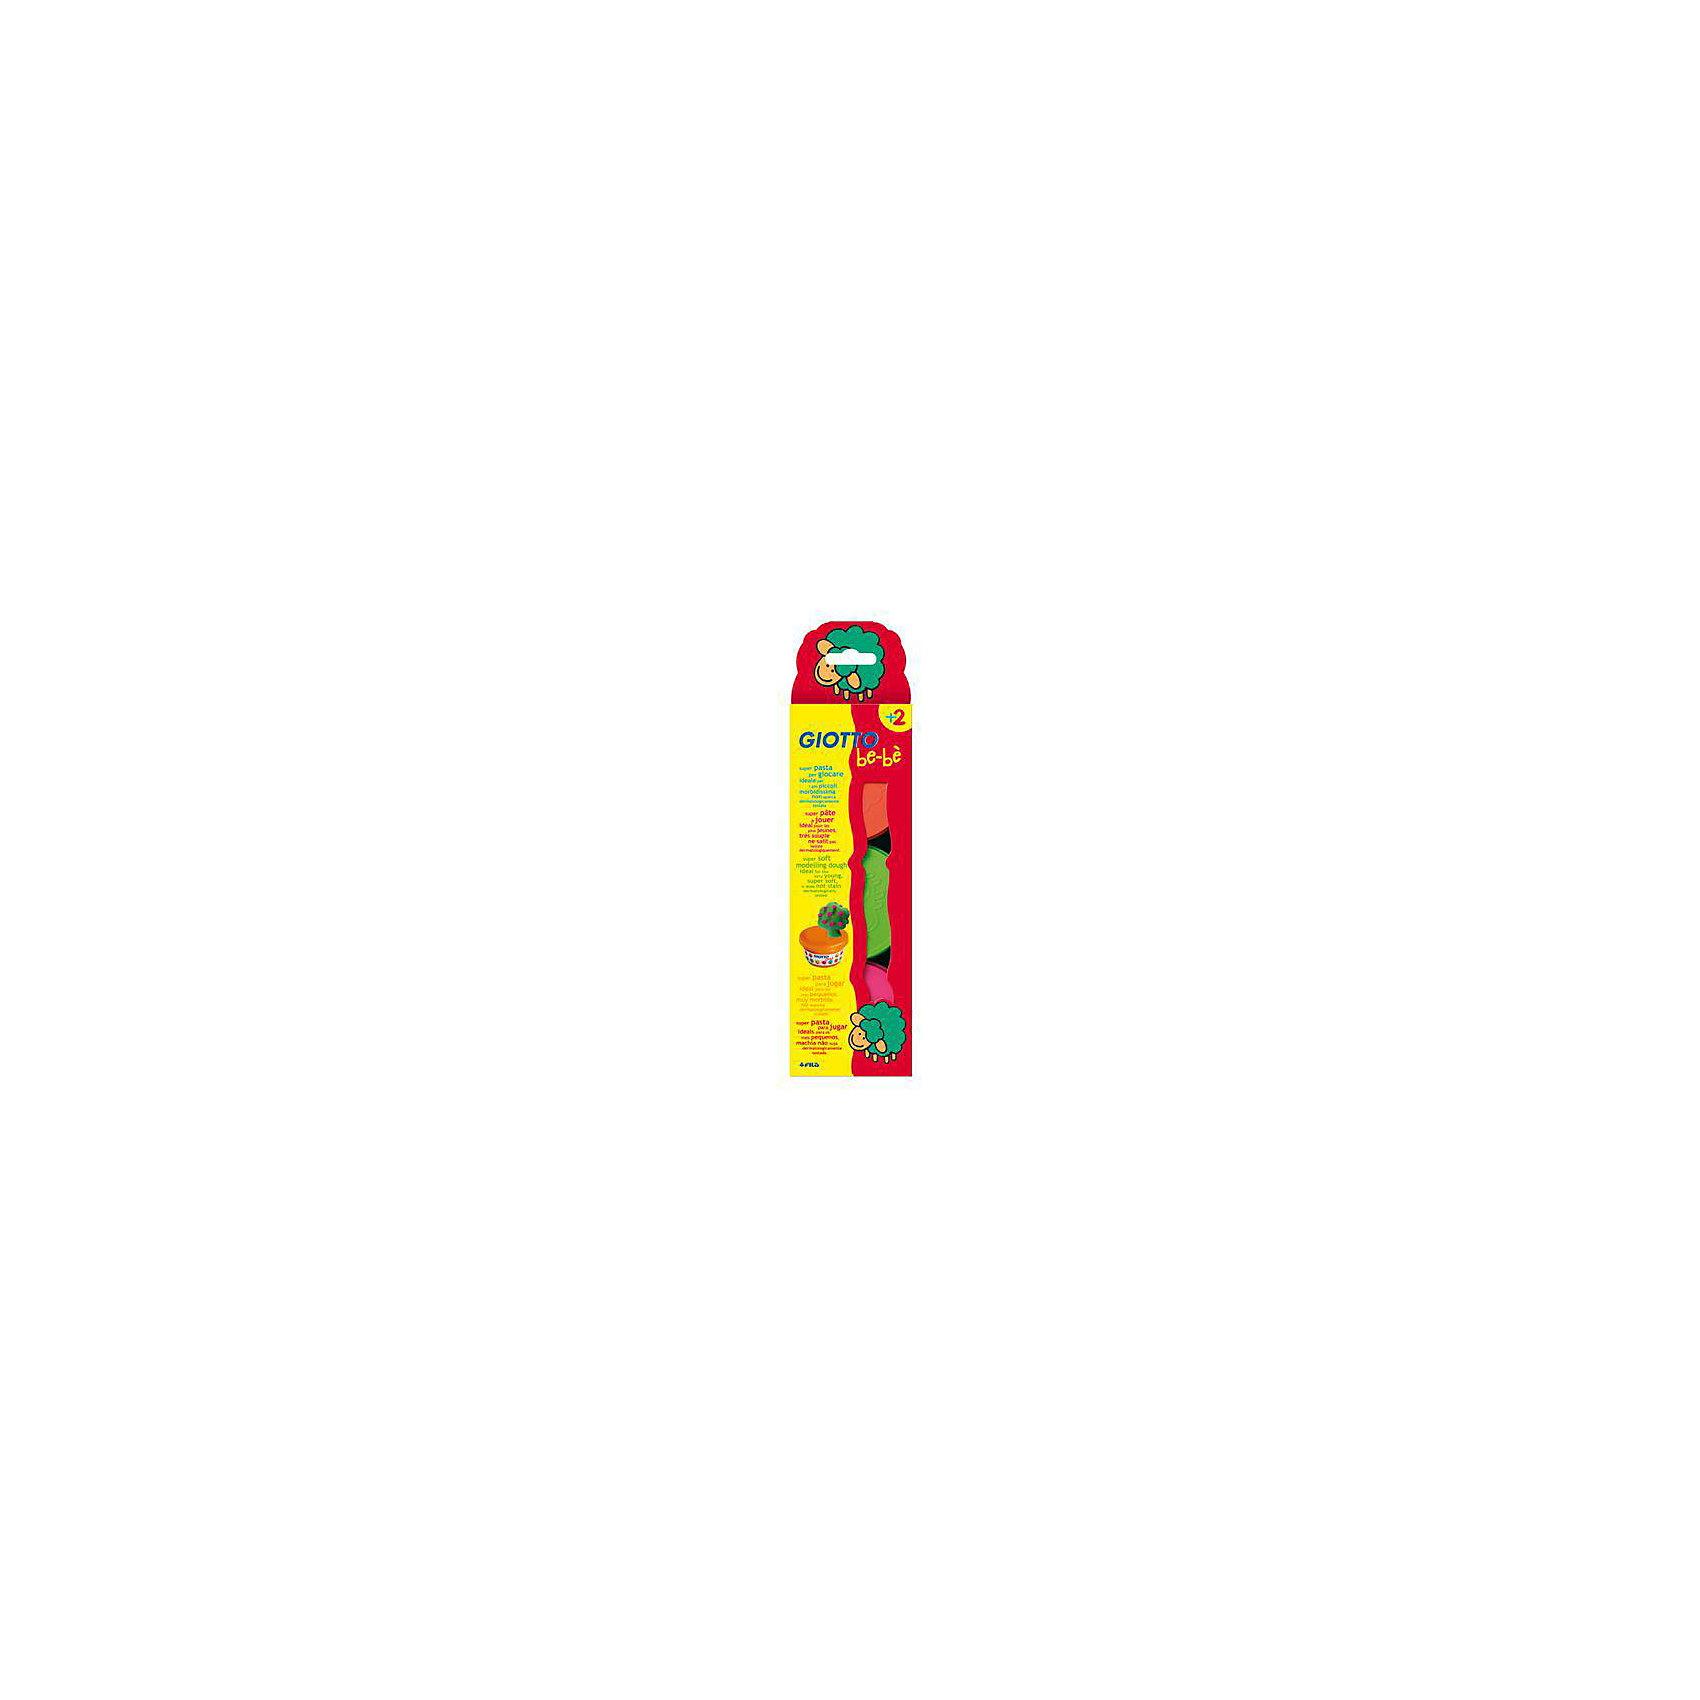 Мягкая паста для моделирования - аналог соленого теста, 3шт х 100 г, красный, зеленый, розовый.Масса для лепки<br>Характеристики товара:<br><br>• в наборе: мягкая паста (3 цвета по 100 грамм);<br>• материал: натуральные компоненты, пластик;<br>• цвет пасты: розовый, зеленый, красный;<br>• размер упаковки: 29х5х28 см;<br>• вес: 740 грамм;<br>• возраст: от 2 лет.<br><br>Набор Giotto be-be Super Modelling Dough подходит для лепки и моделирования. Паста изготовлена из натуральных компонентов, поэтому подходит даже для самых юных скульпторов. В набор входят 3 баночки с пастой: розовая, красная, зеленая.<br><br>Паста имеет мягкую, приятную консистенцию. Она легко размягчается, не липнет к рукам и быстро обретает желаемую форму. Не оставляет следов, не пачкает руки. <br><br>Giotto be-be (Джотто Бебе) Super Modelling Dough пасту для моделирования 3шт х 100 гр, красн, зел, роз можно купить в нашем интернет-магазине.<br><br>Ширина мм: 320<br>Глубина мм: 85<br>Высота мм: 51<br>Вес г: 417<br>Возраст от месяцев: 24<br>Возраст до месяцев: 1200<br>Пол: Унисекс<br>Возраст: Детский<br>SKU: 1863772